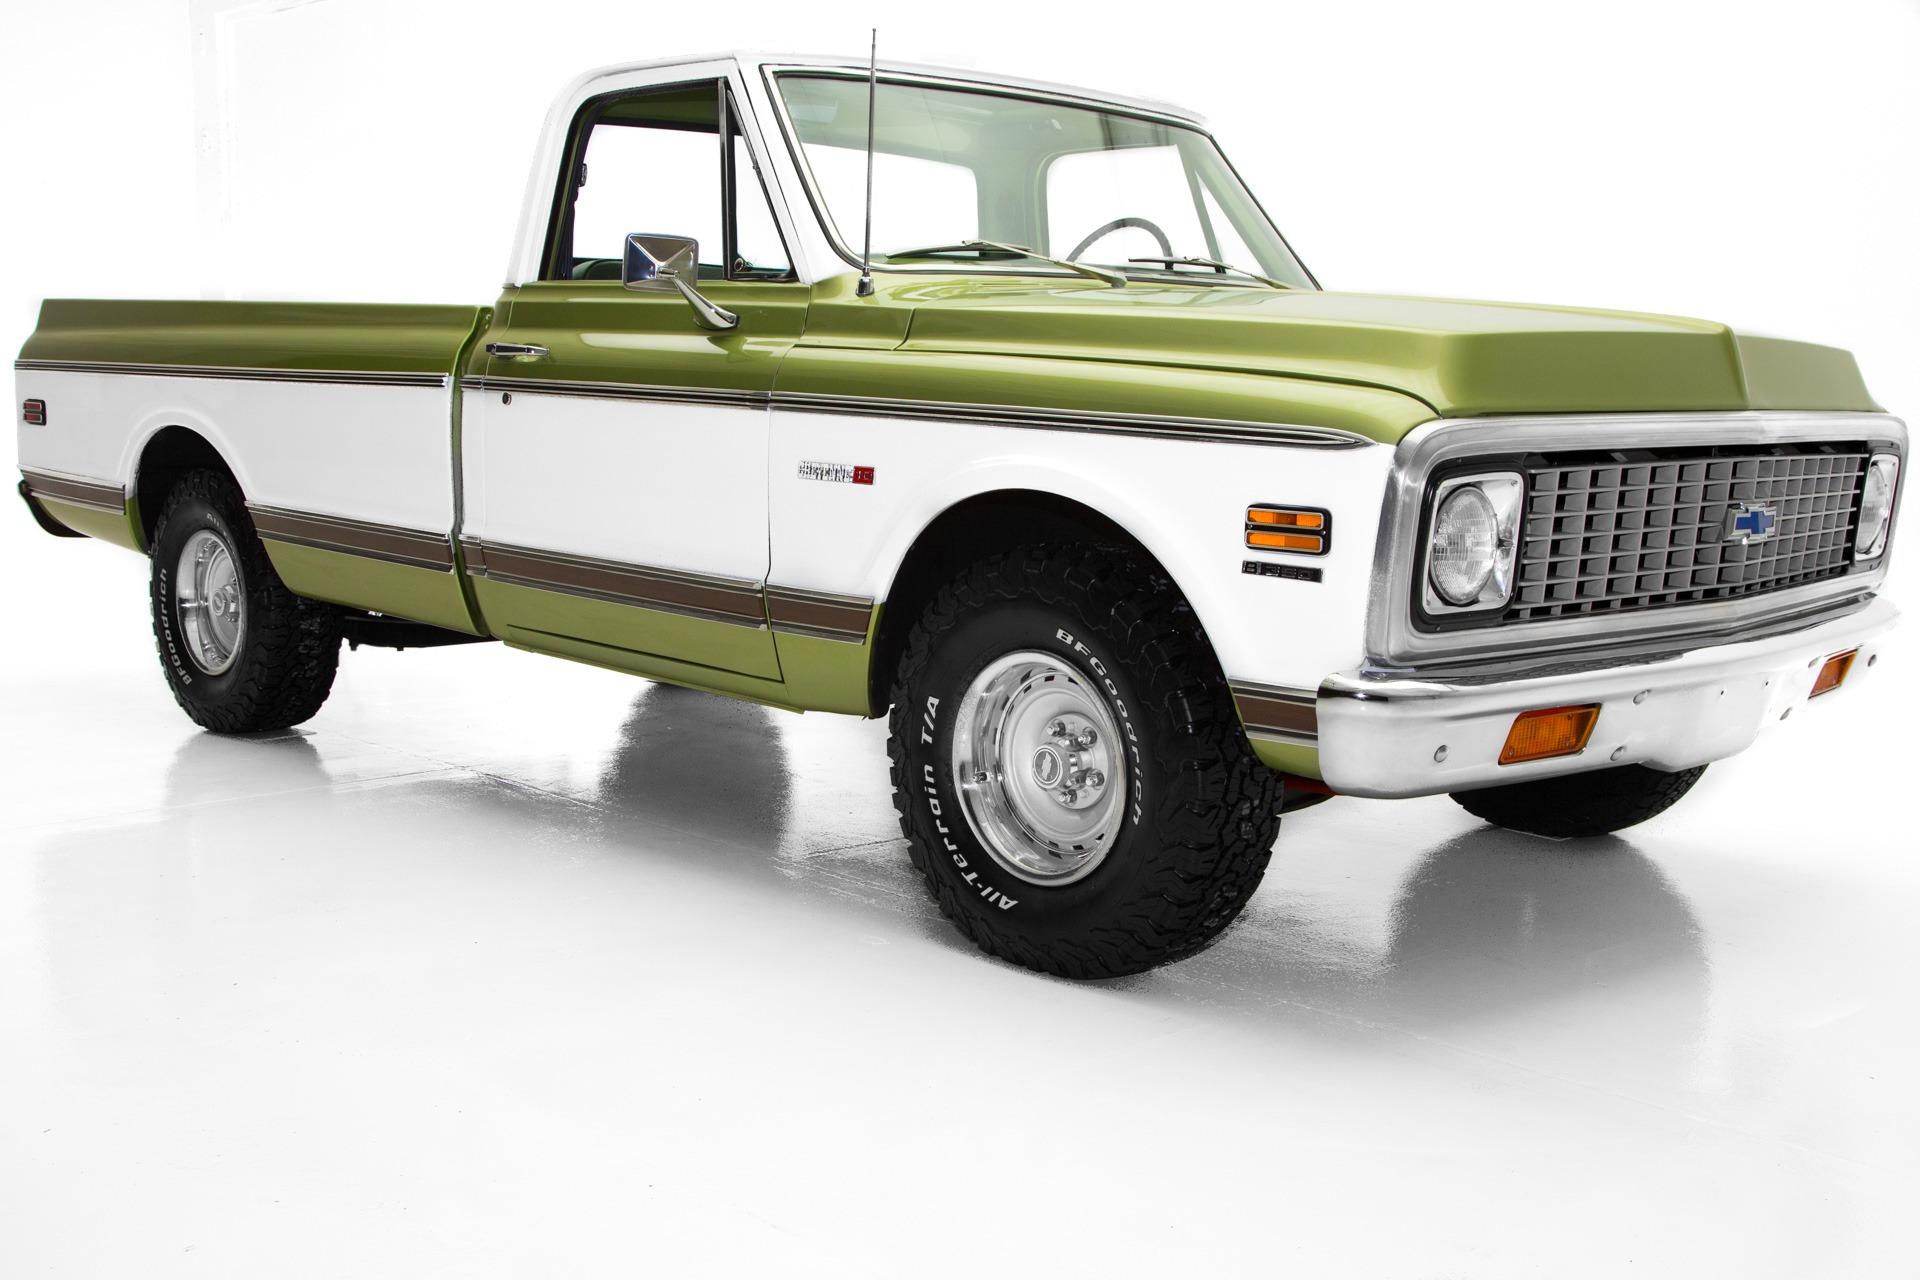 1972 Chevrolet Pickup Cheyenne C10 Frame-off AC